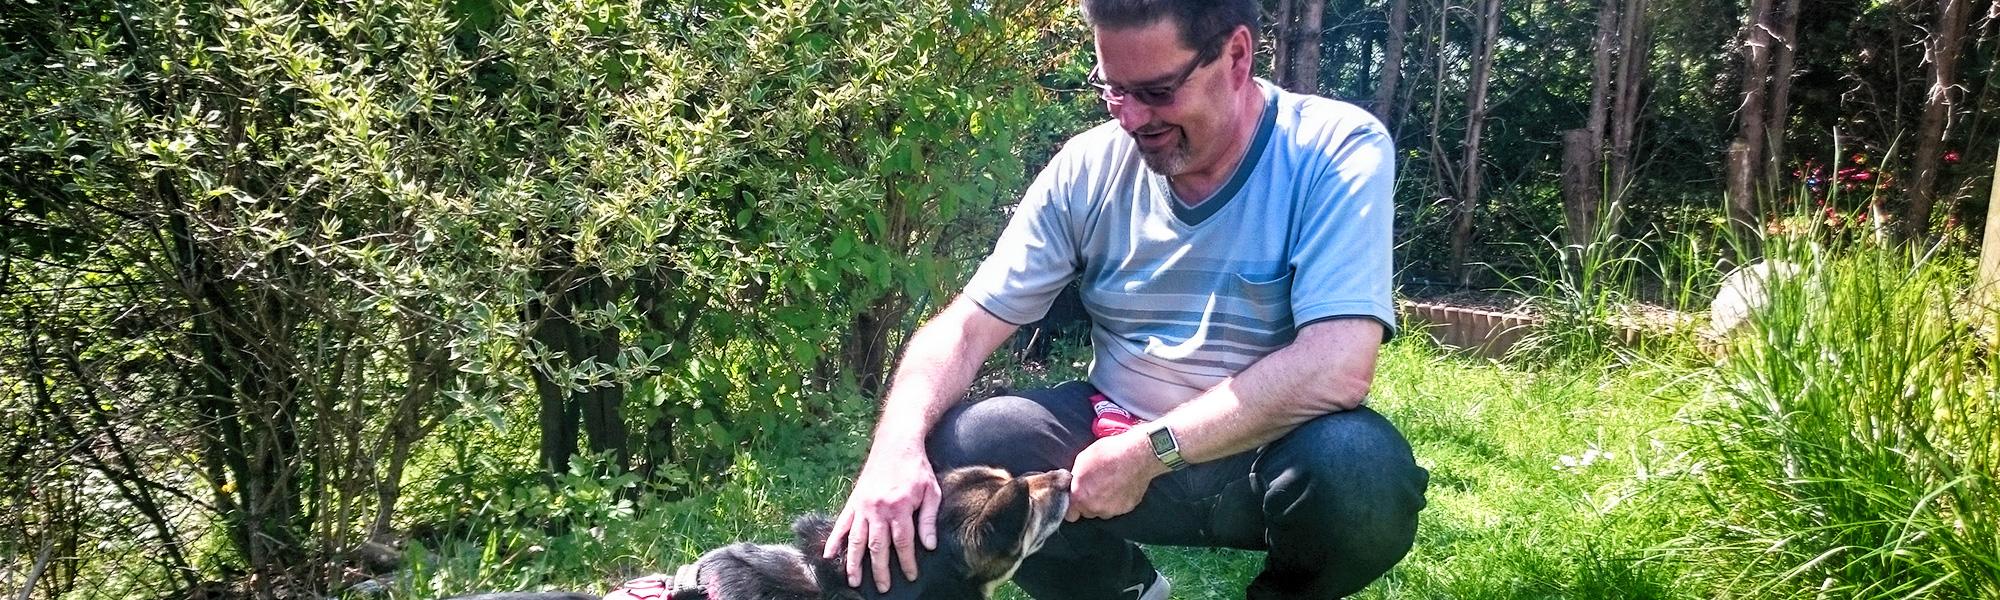 Akademie Hund Team des Monats: Andreas mit Hündin Cindy